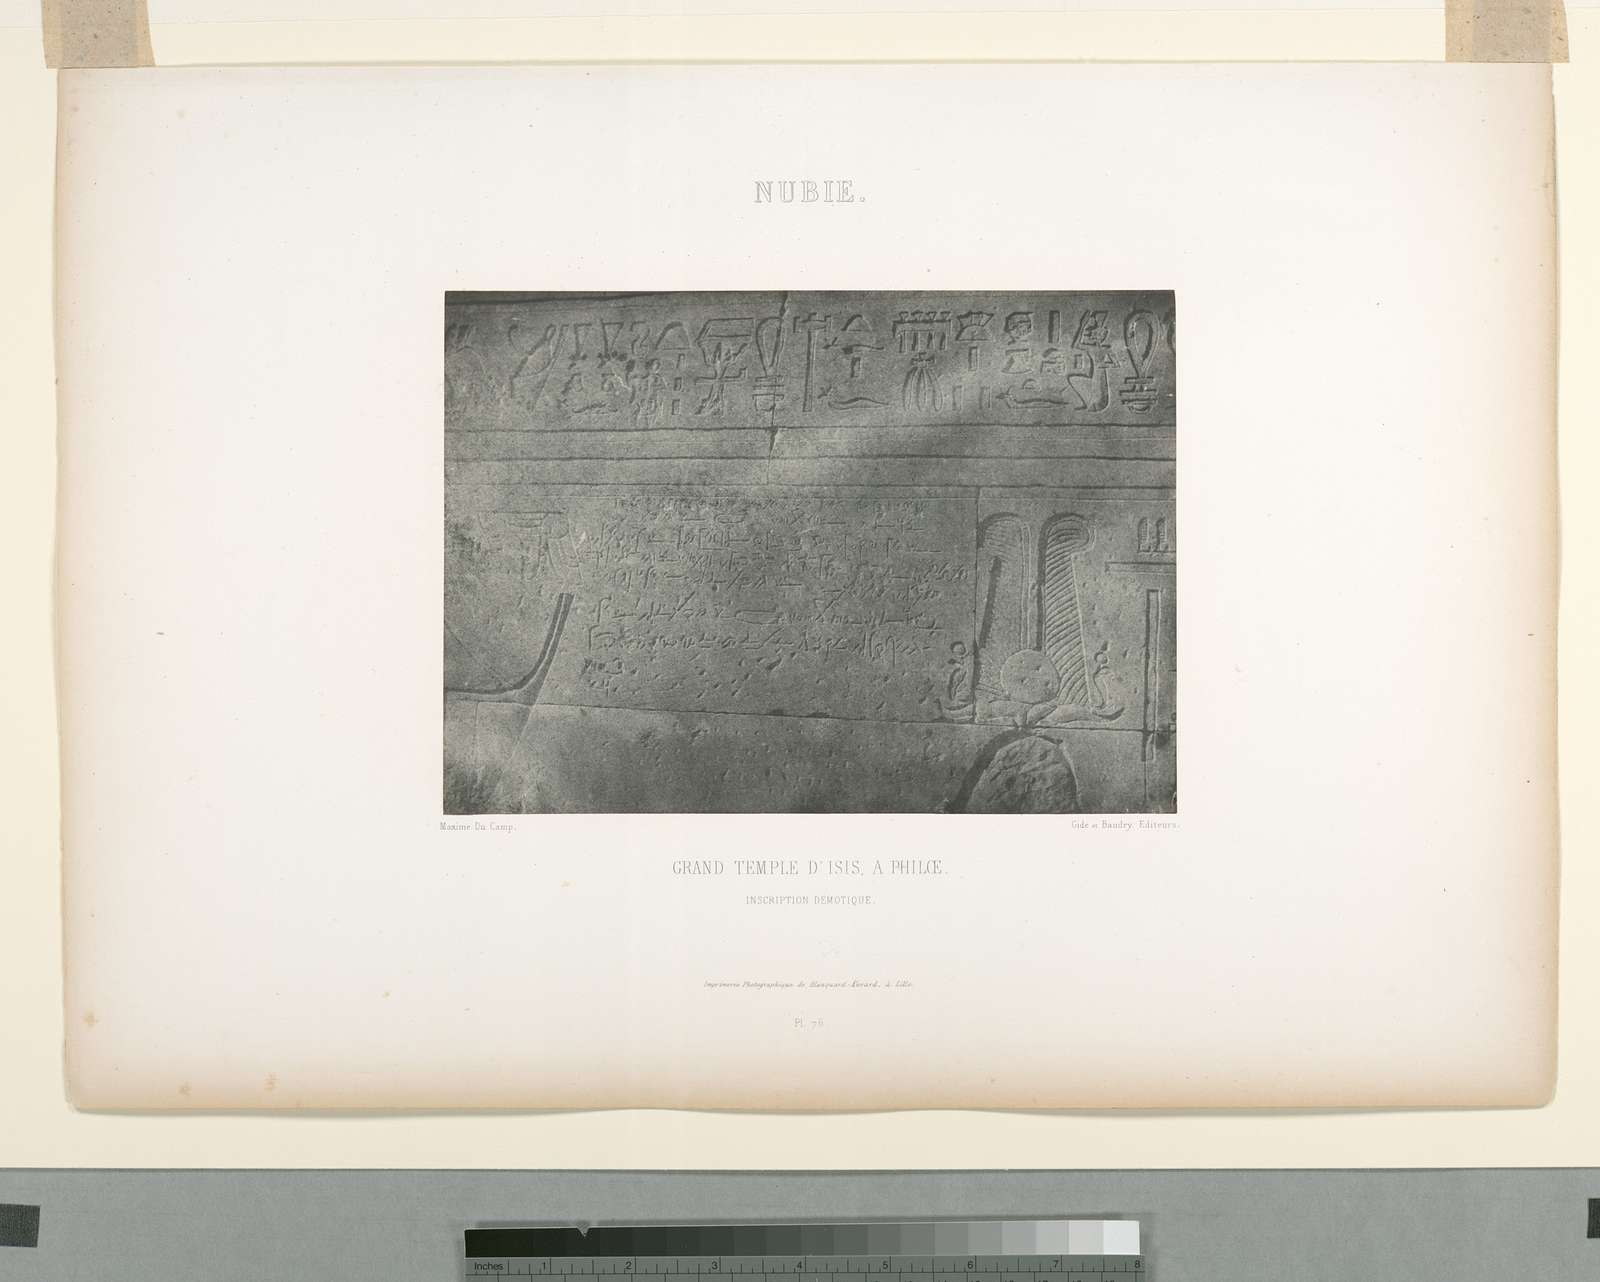 Nubie. Grand Temple d'Isis, à Philœ, inscription démotique.